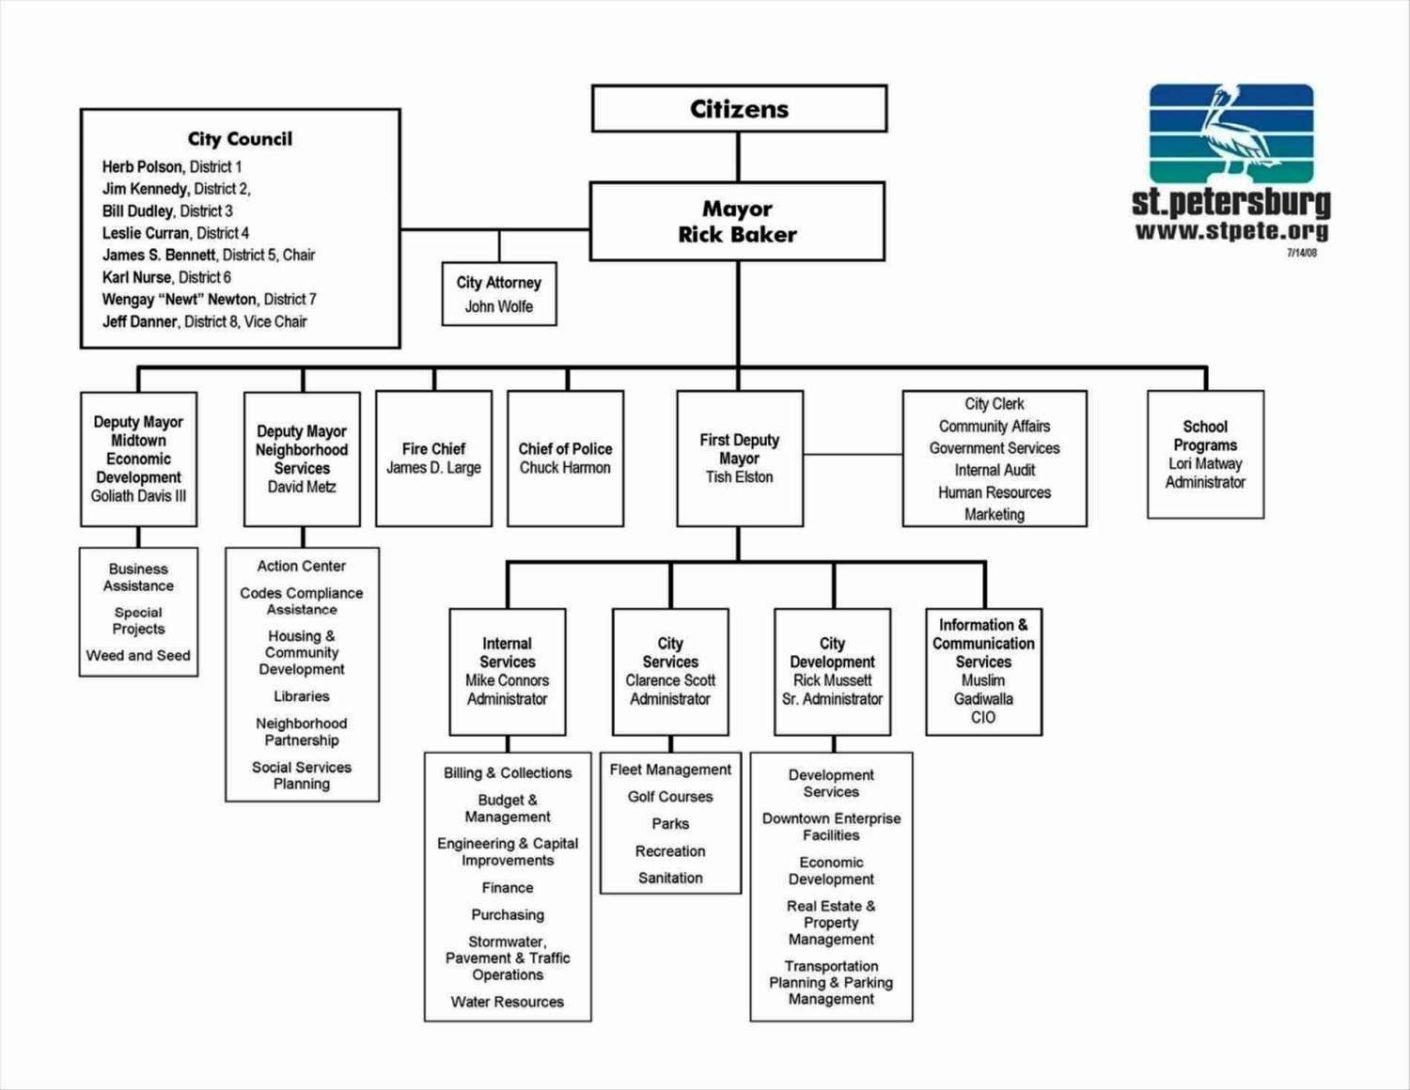 Flow Chart Template Excel 2007 - SampleTemplatess ...